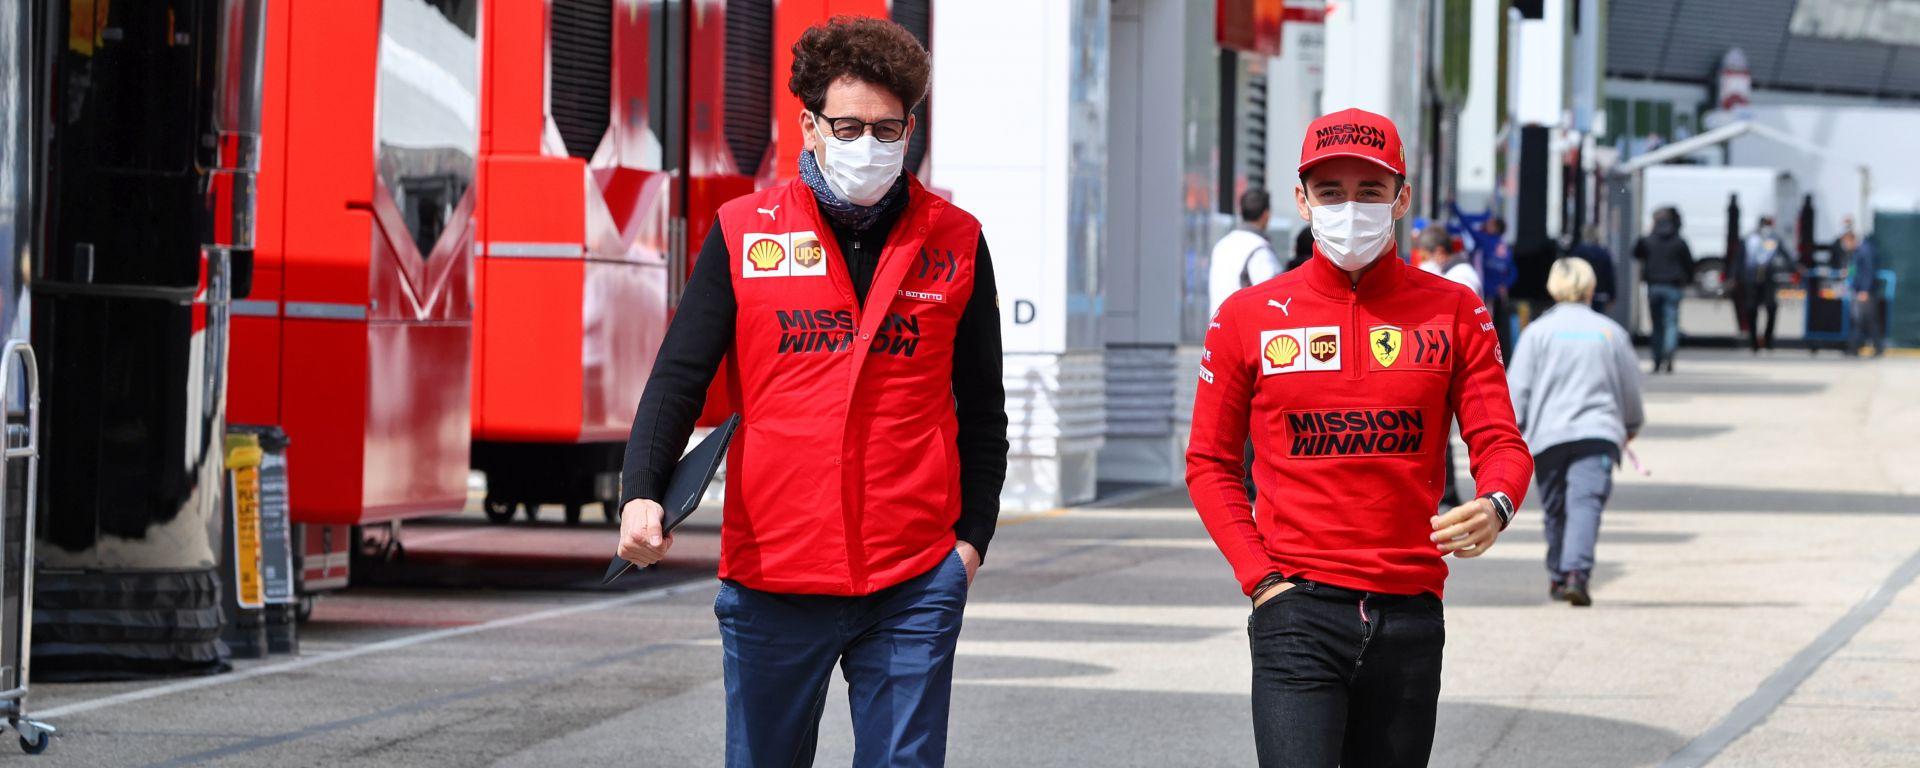 F1 GP Emilia Romagna 2021, Imola: Charles Leclerc con Mattia Binotto (Scuderia Ferrari) nel paddock